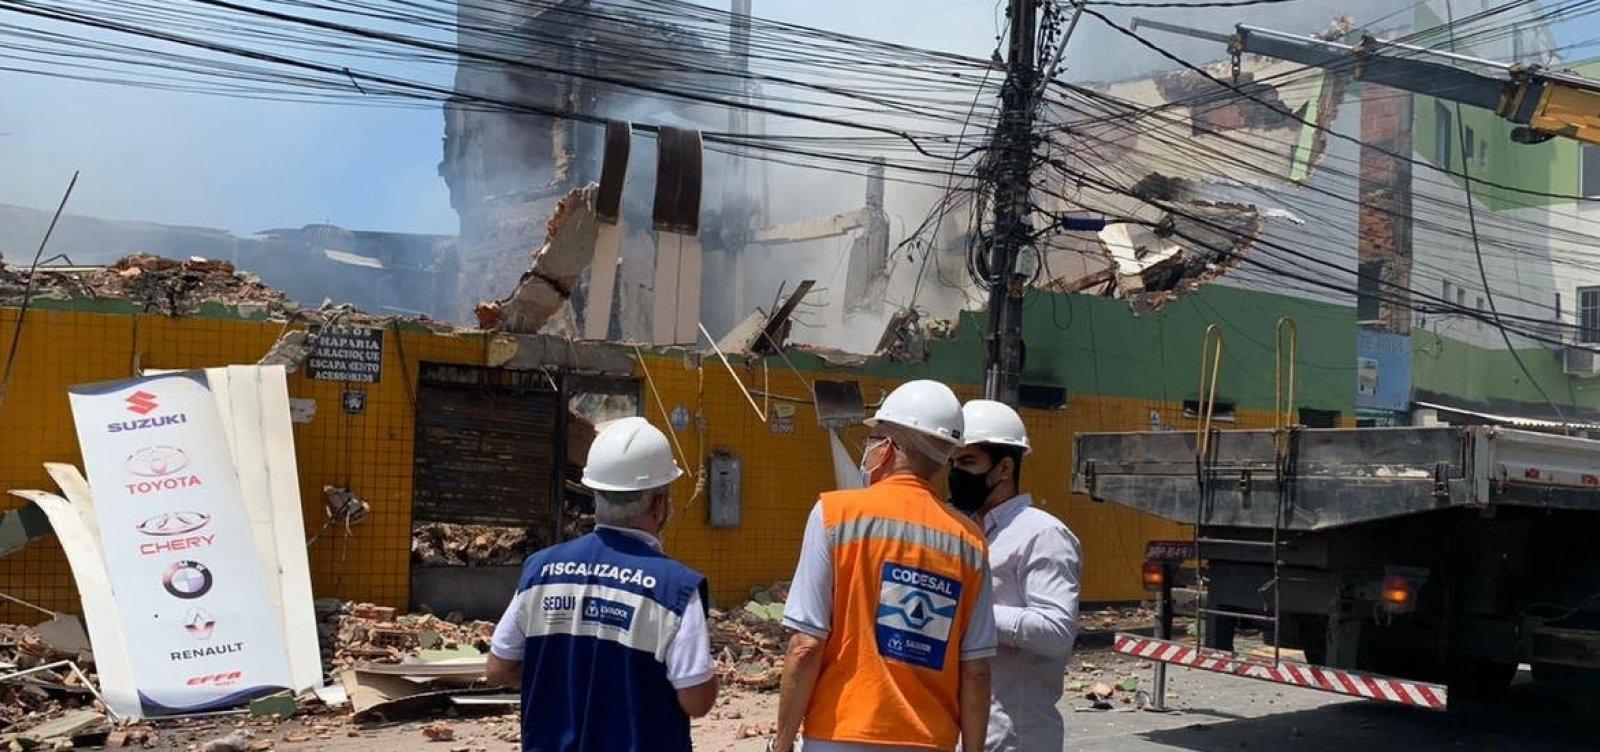 Vídeo: prédio que abrigava loja incendiada na Vasco da Gama é demolido